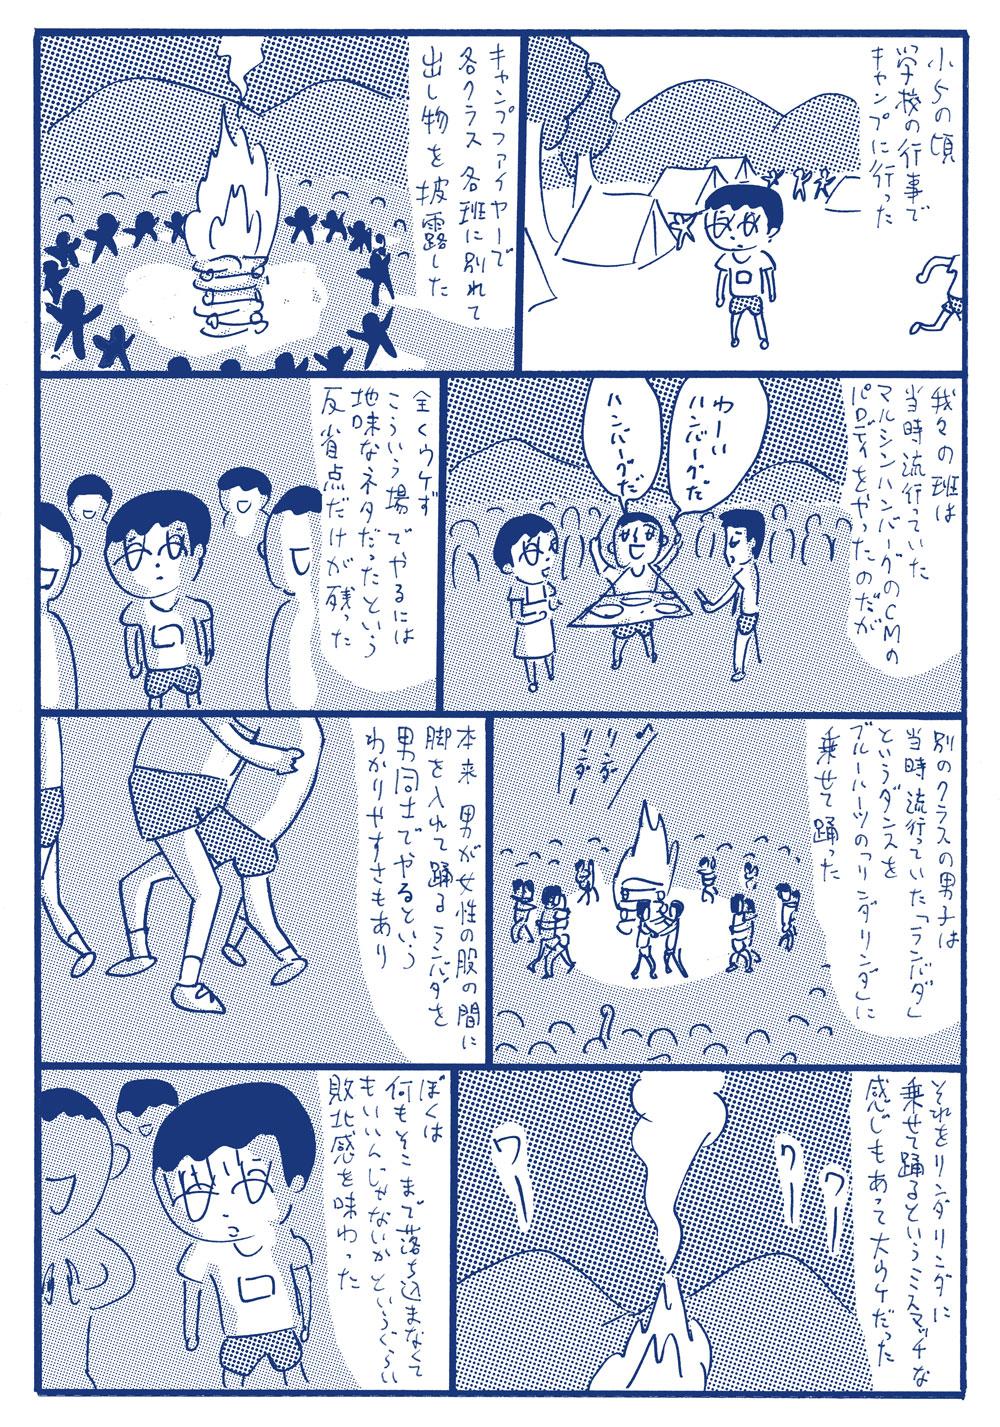 oohashi-hiroyukii-020